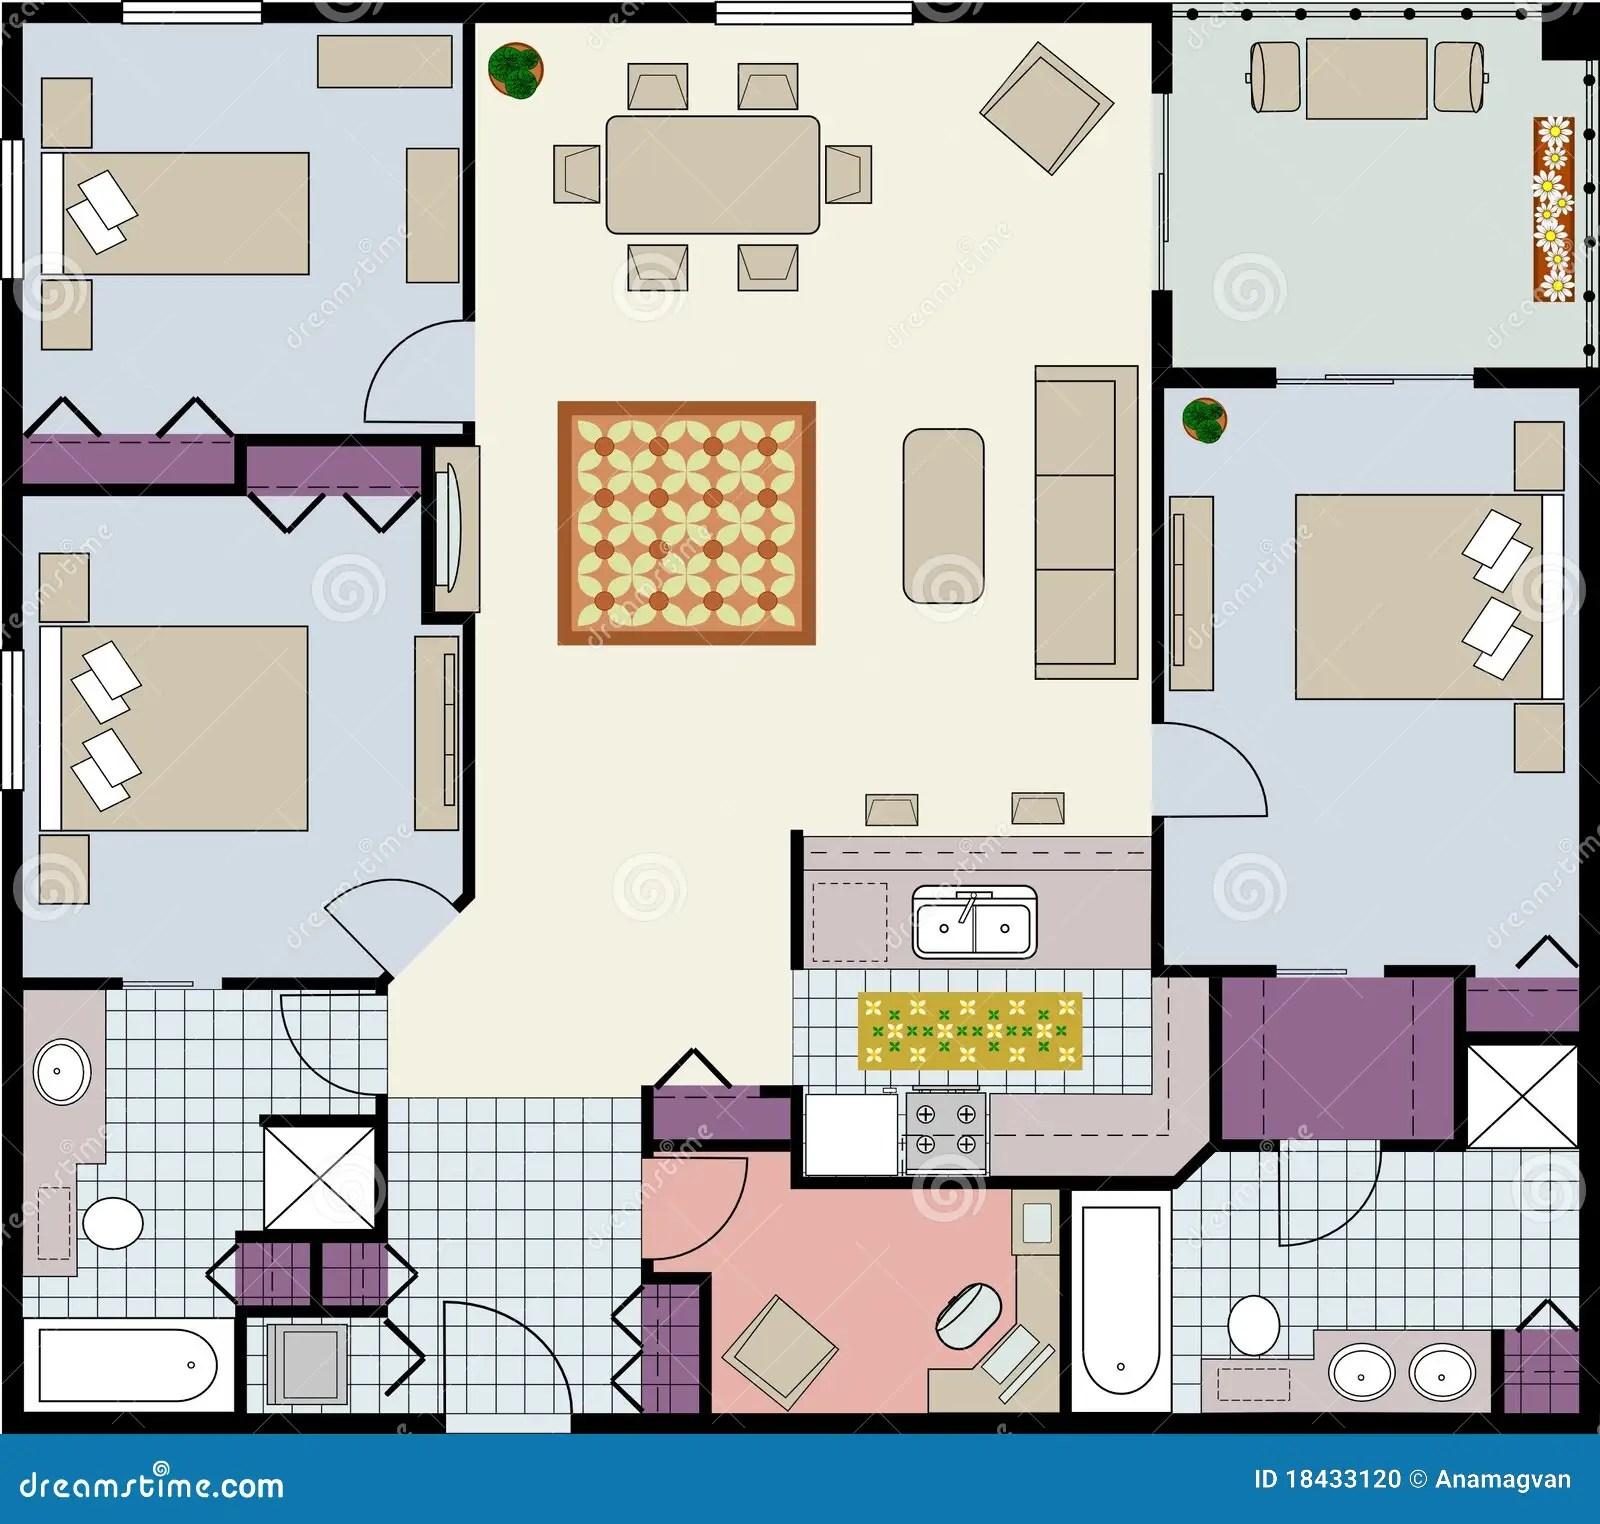 Three Bedroom Floor Plan Stock Vector Image Of